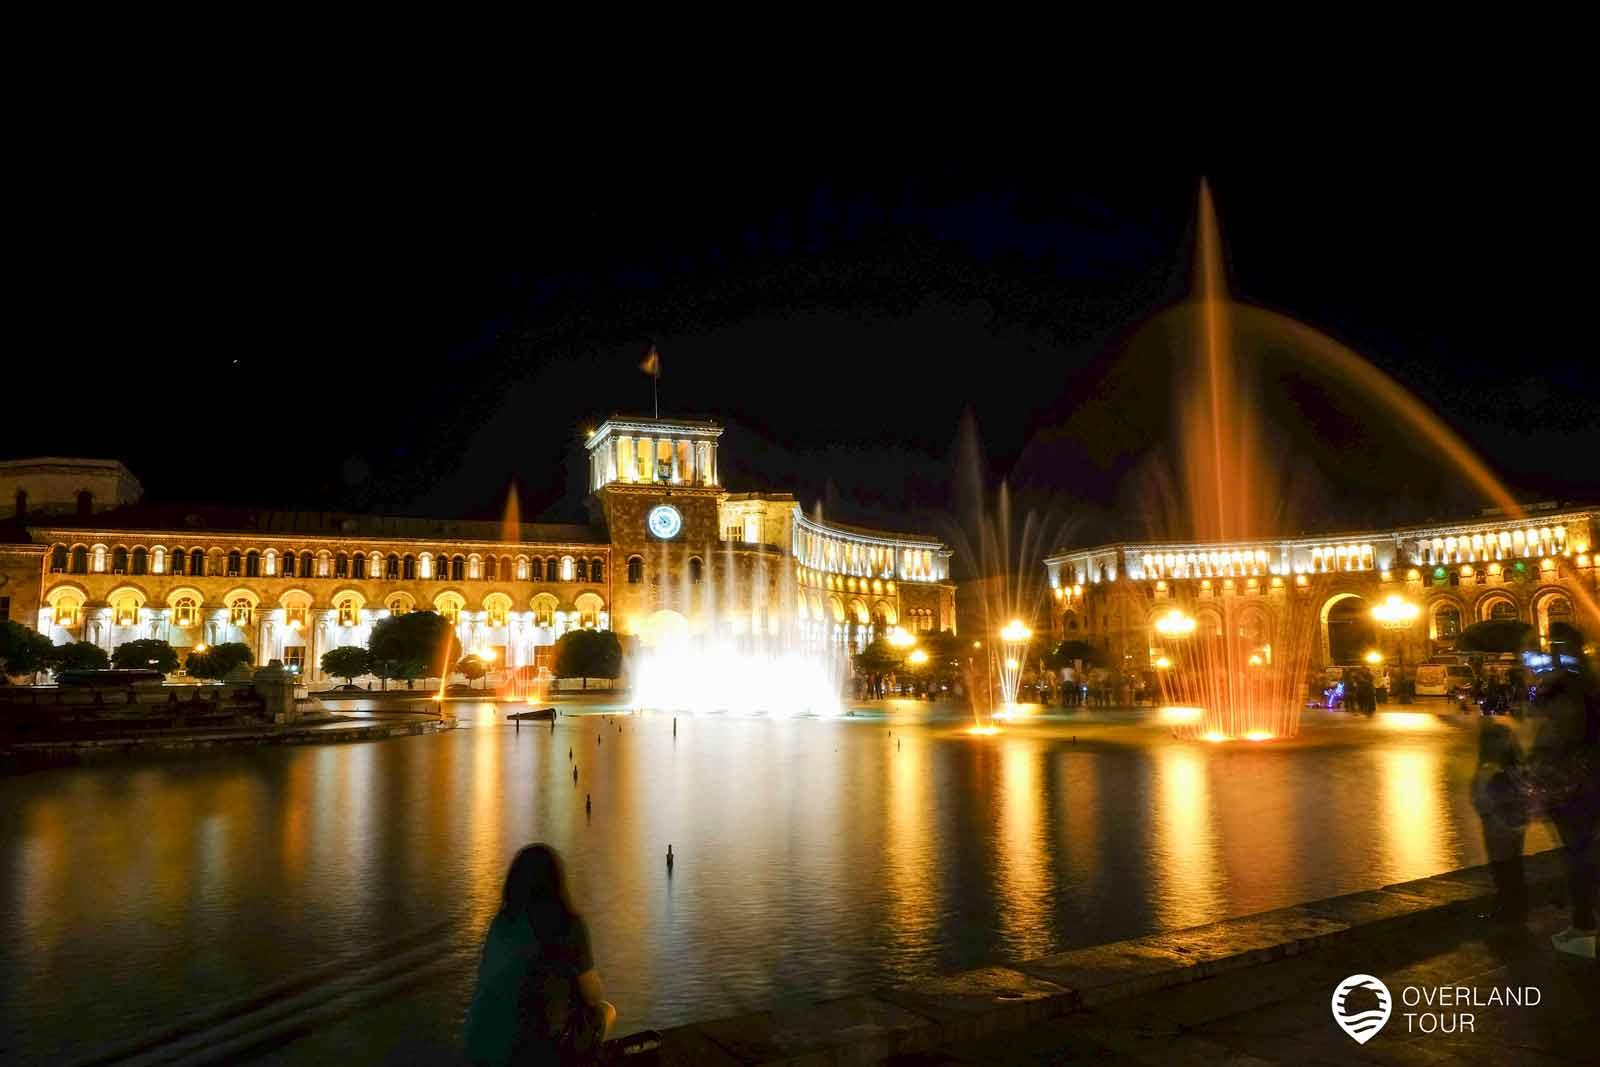 Sehenswürdigkeit Jerewan | Top 1 - Den Charme erhält der Platz der Republik durch die Gebäude, die ihn umgeben und das besonders bei Nacht